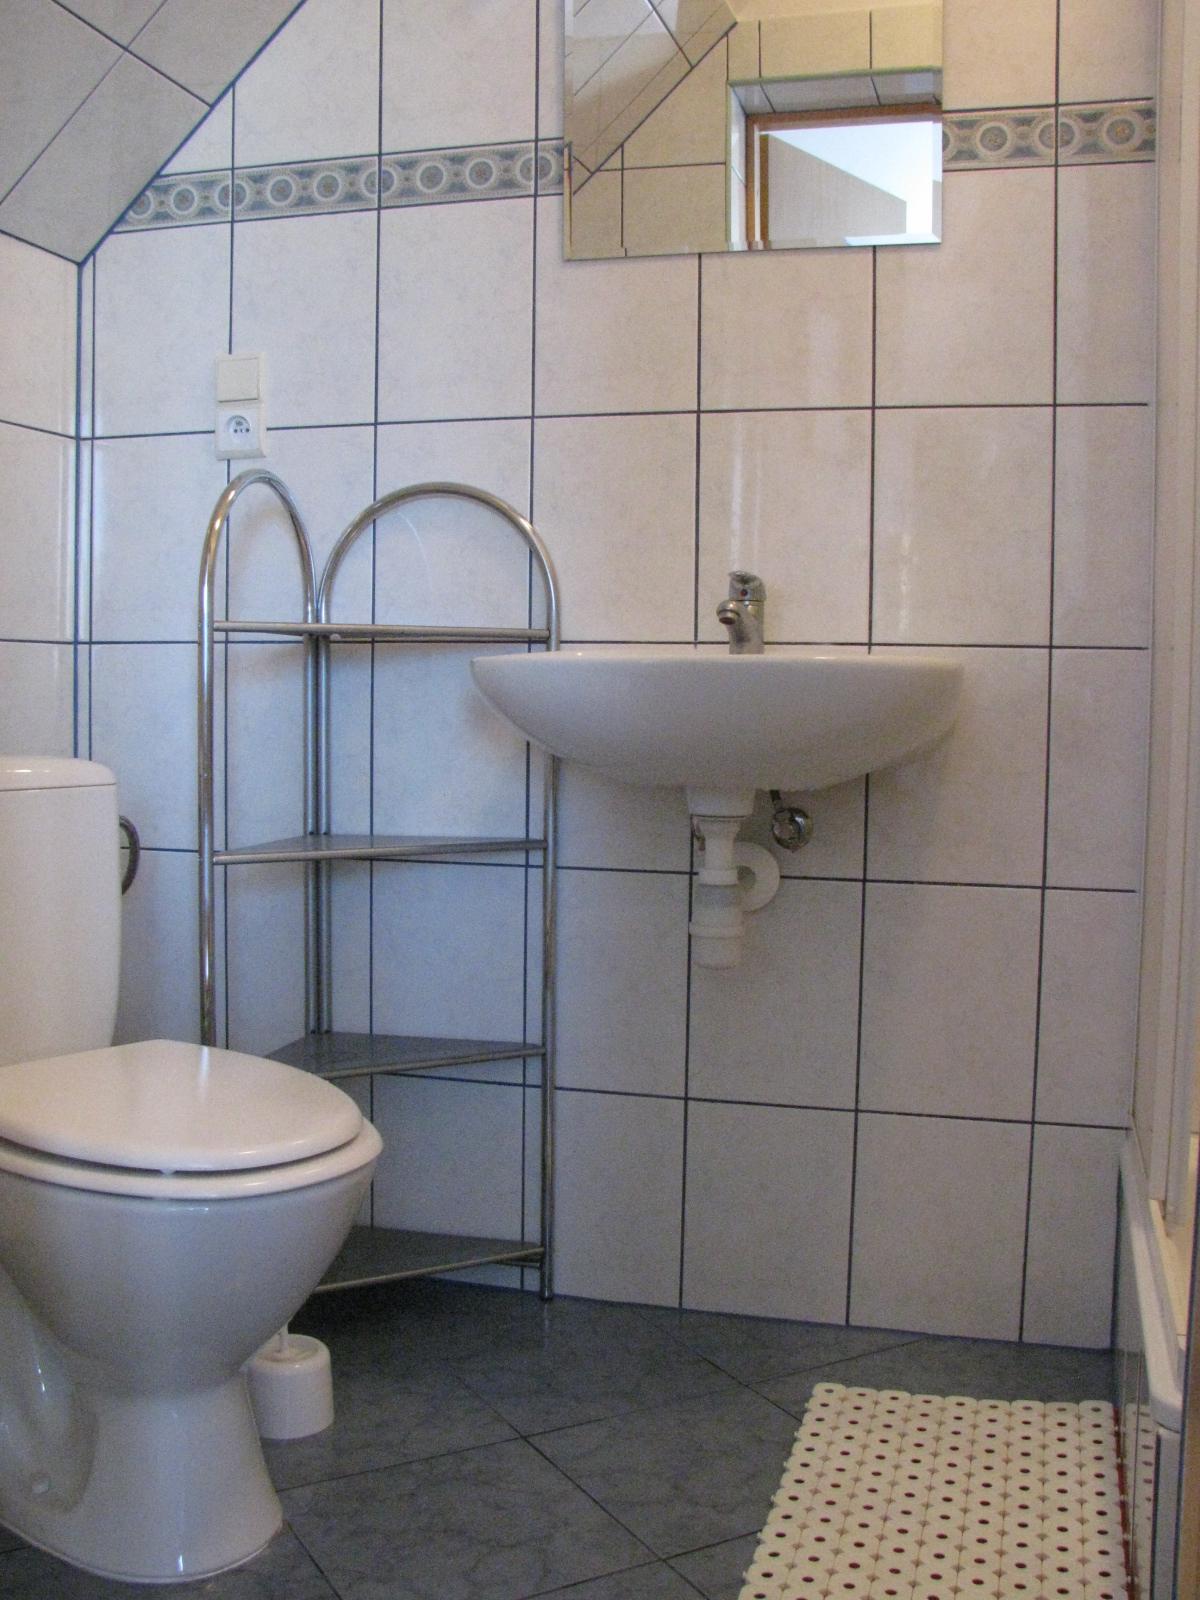 Tanie noclegi Jarosławiec noclegi nad morzem łazienka pokoju 6-3